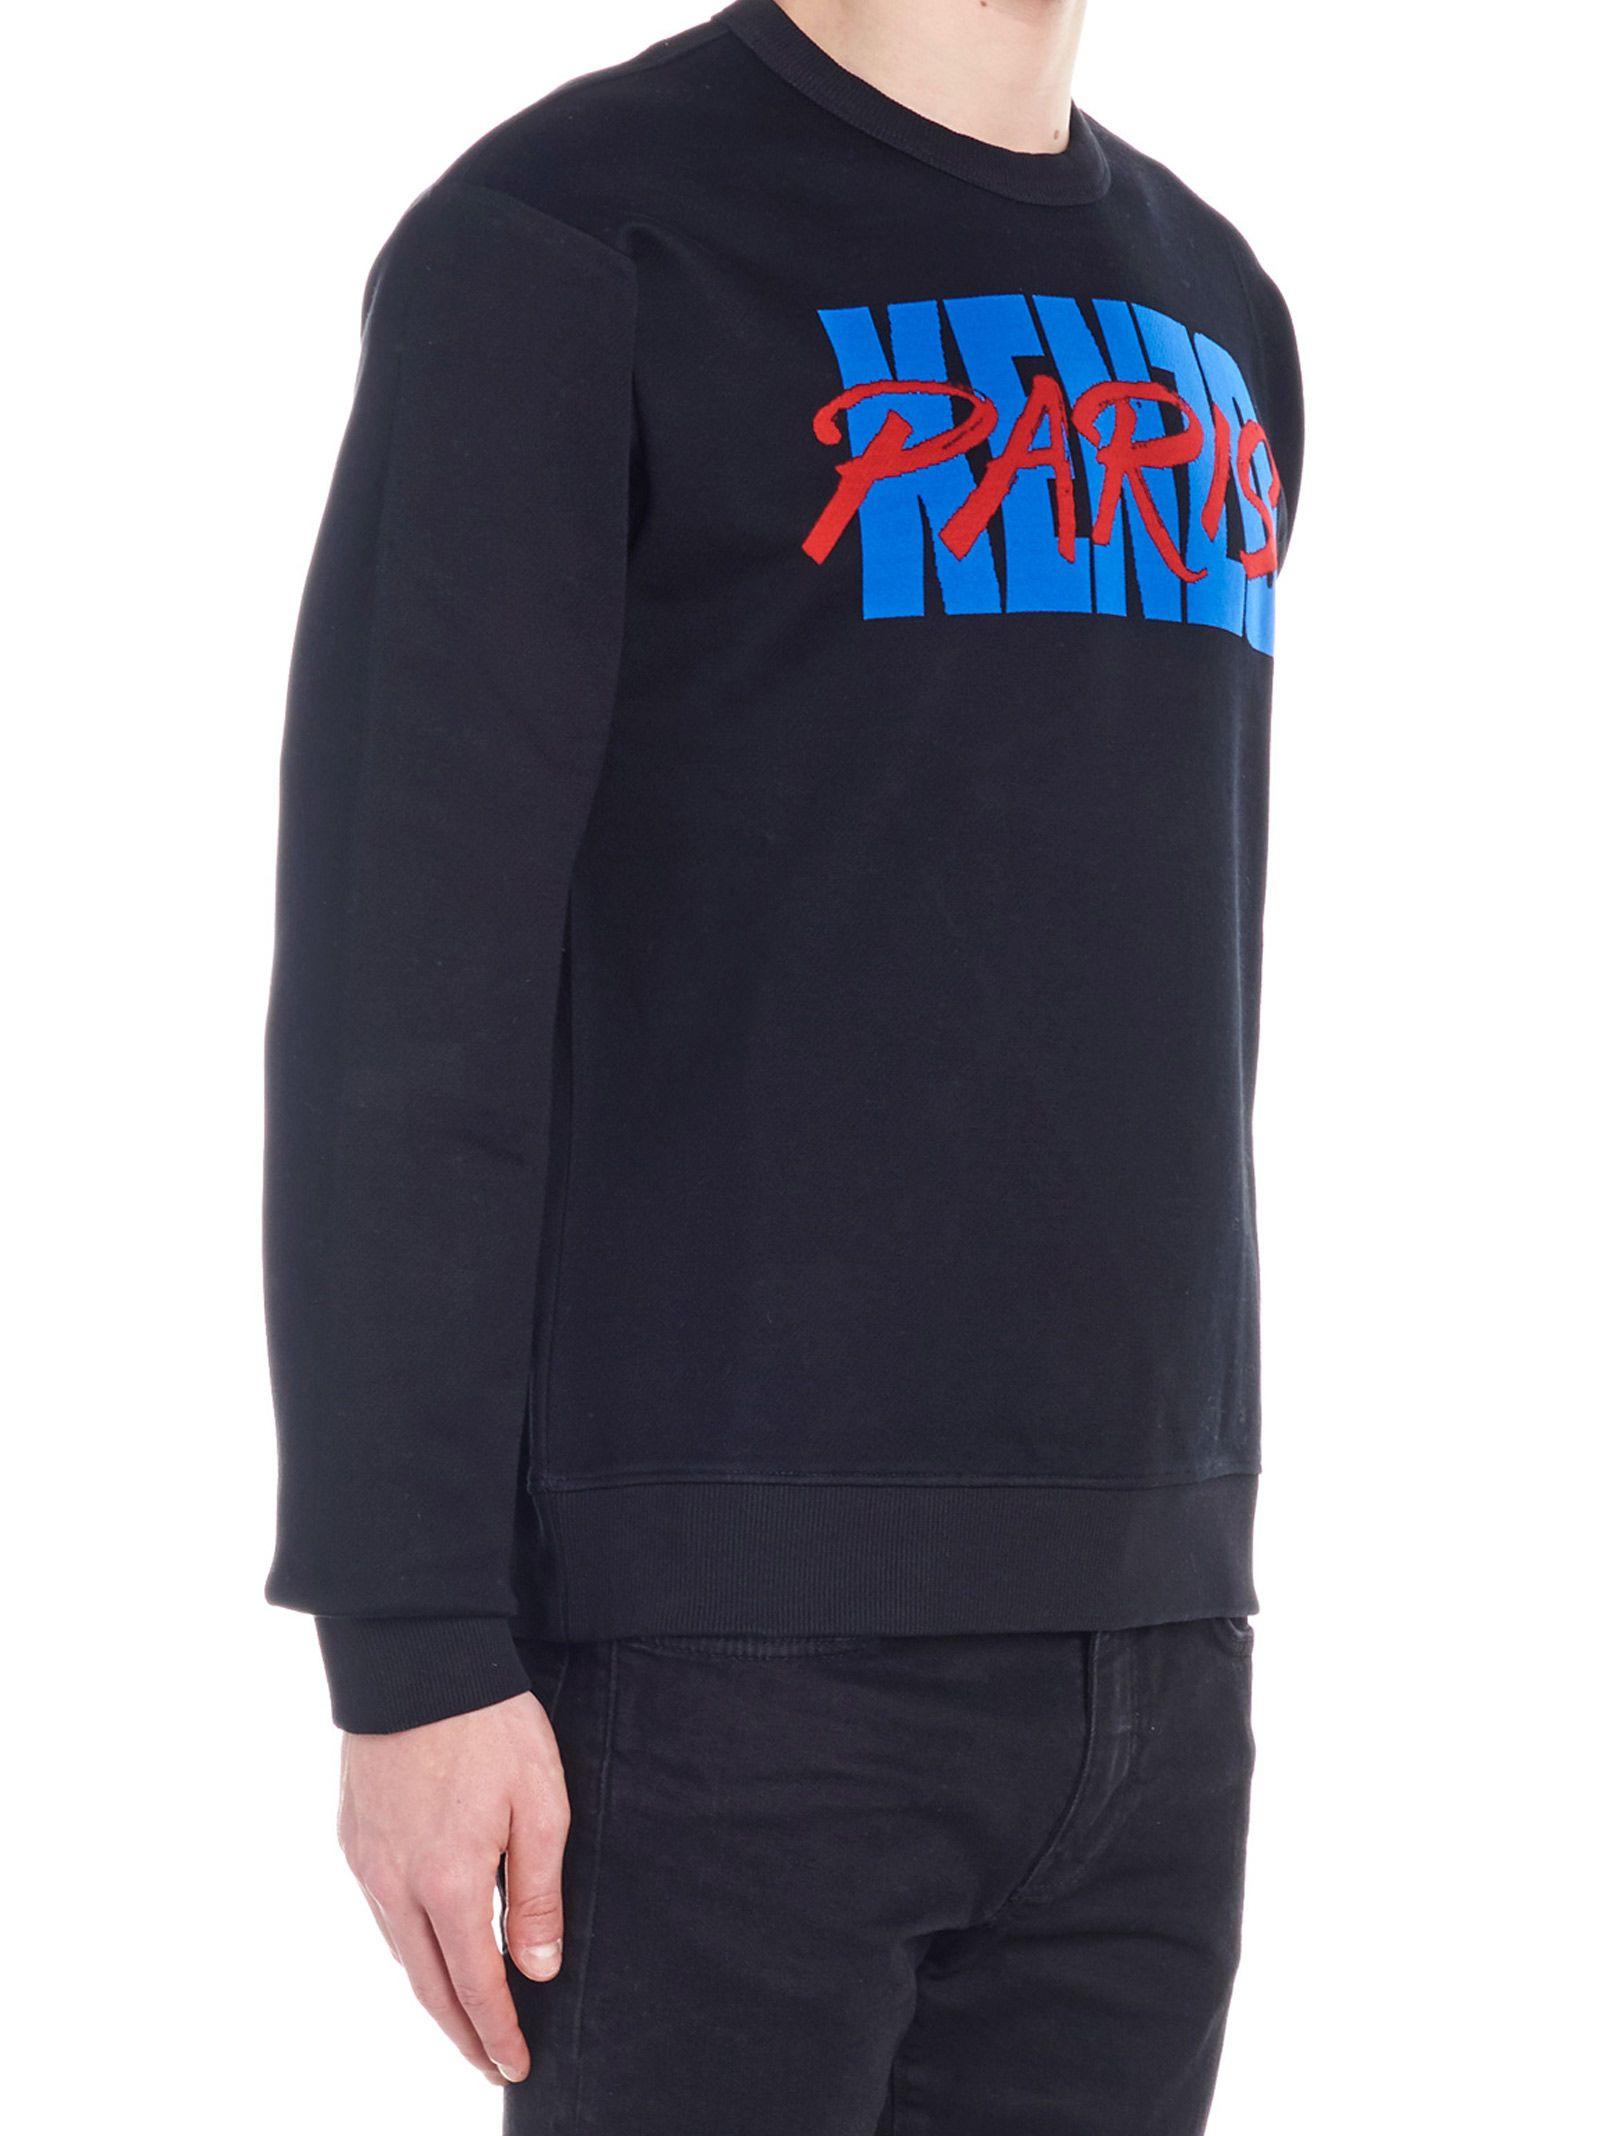 5e647ecdf Kenzo Kenzo 'kenzo Paris' Sweatshirt - Black - 10878046 | italist